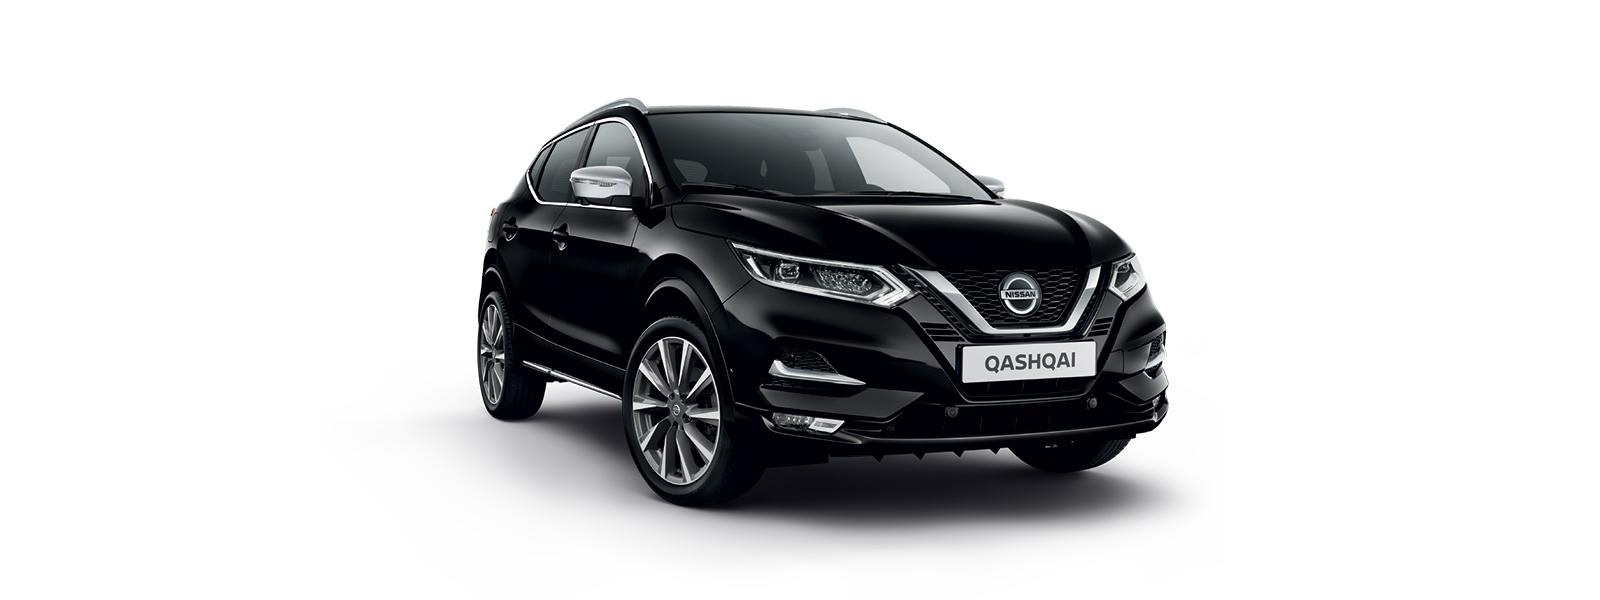 Uusi Nissan Qashqai